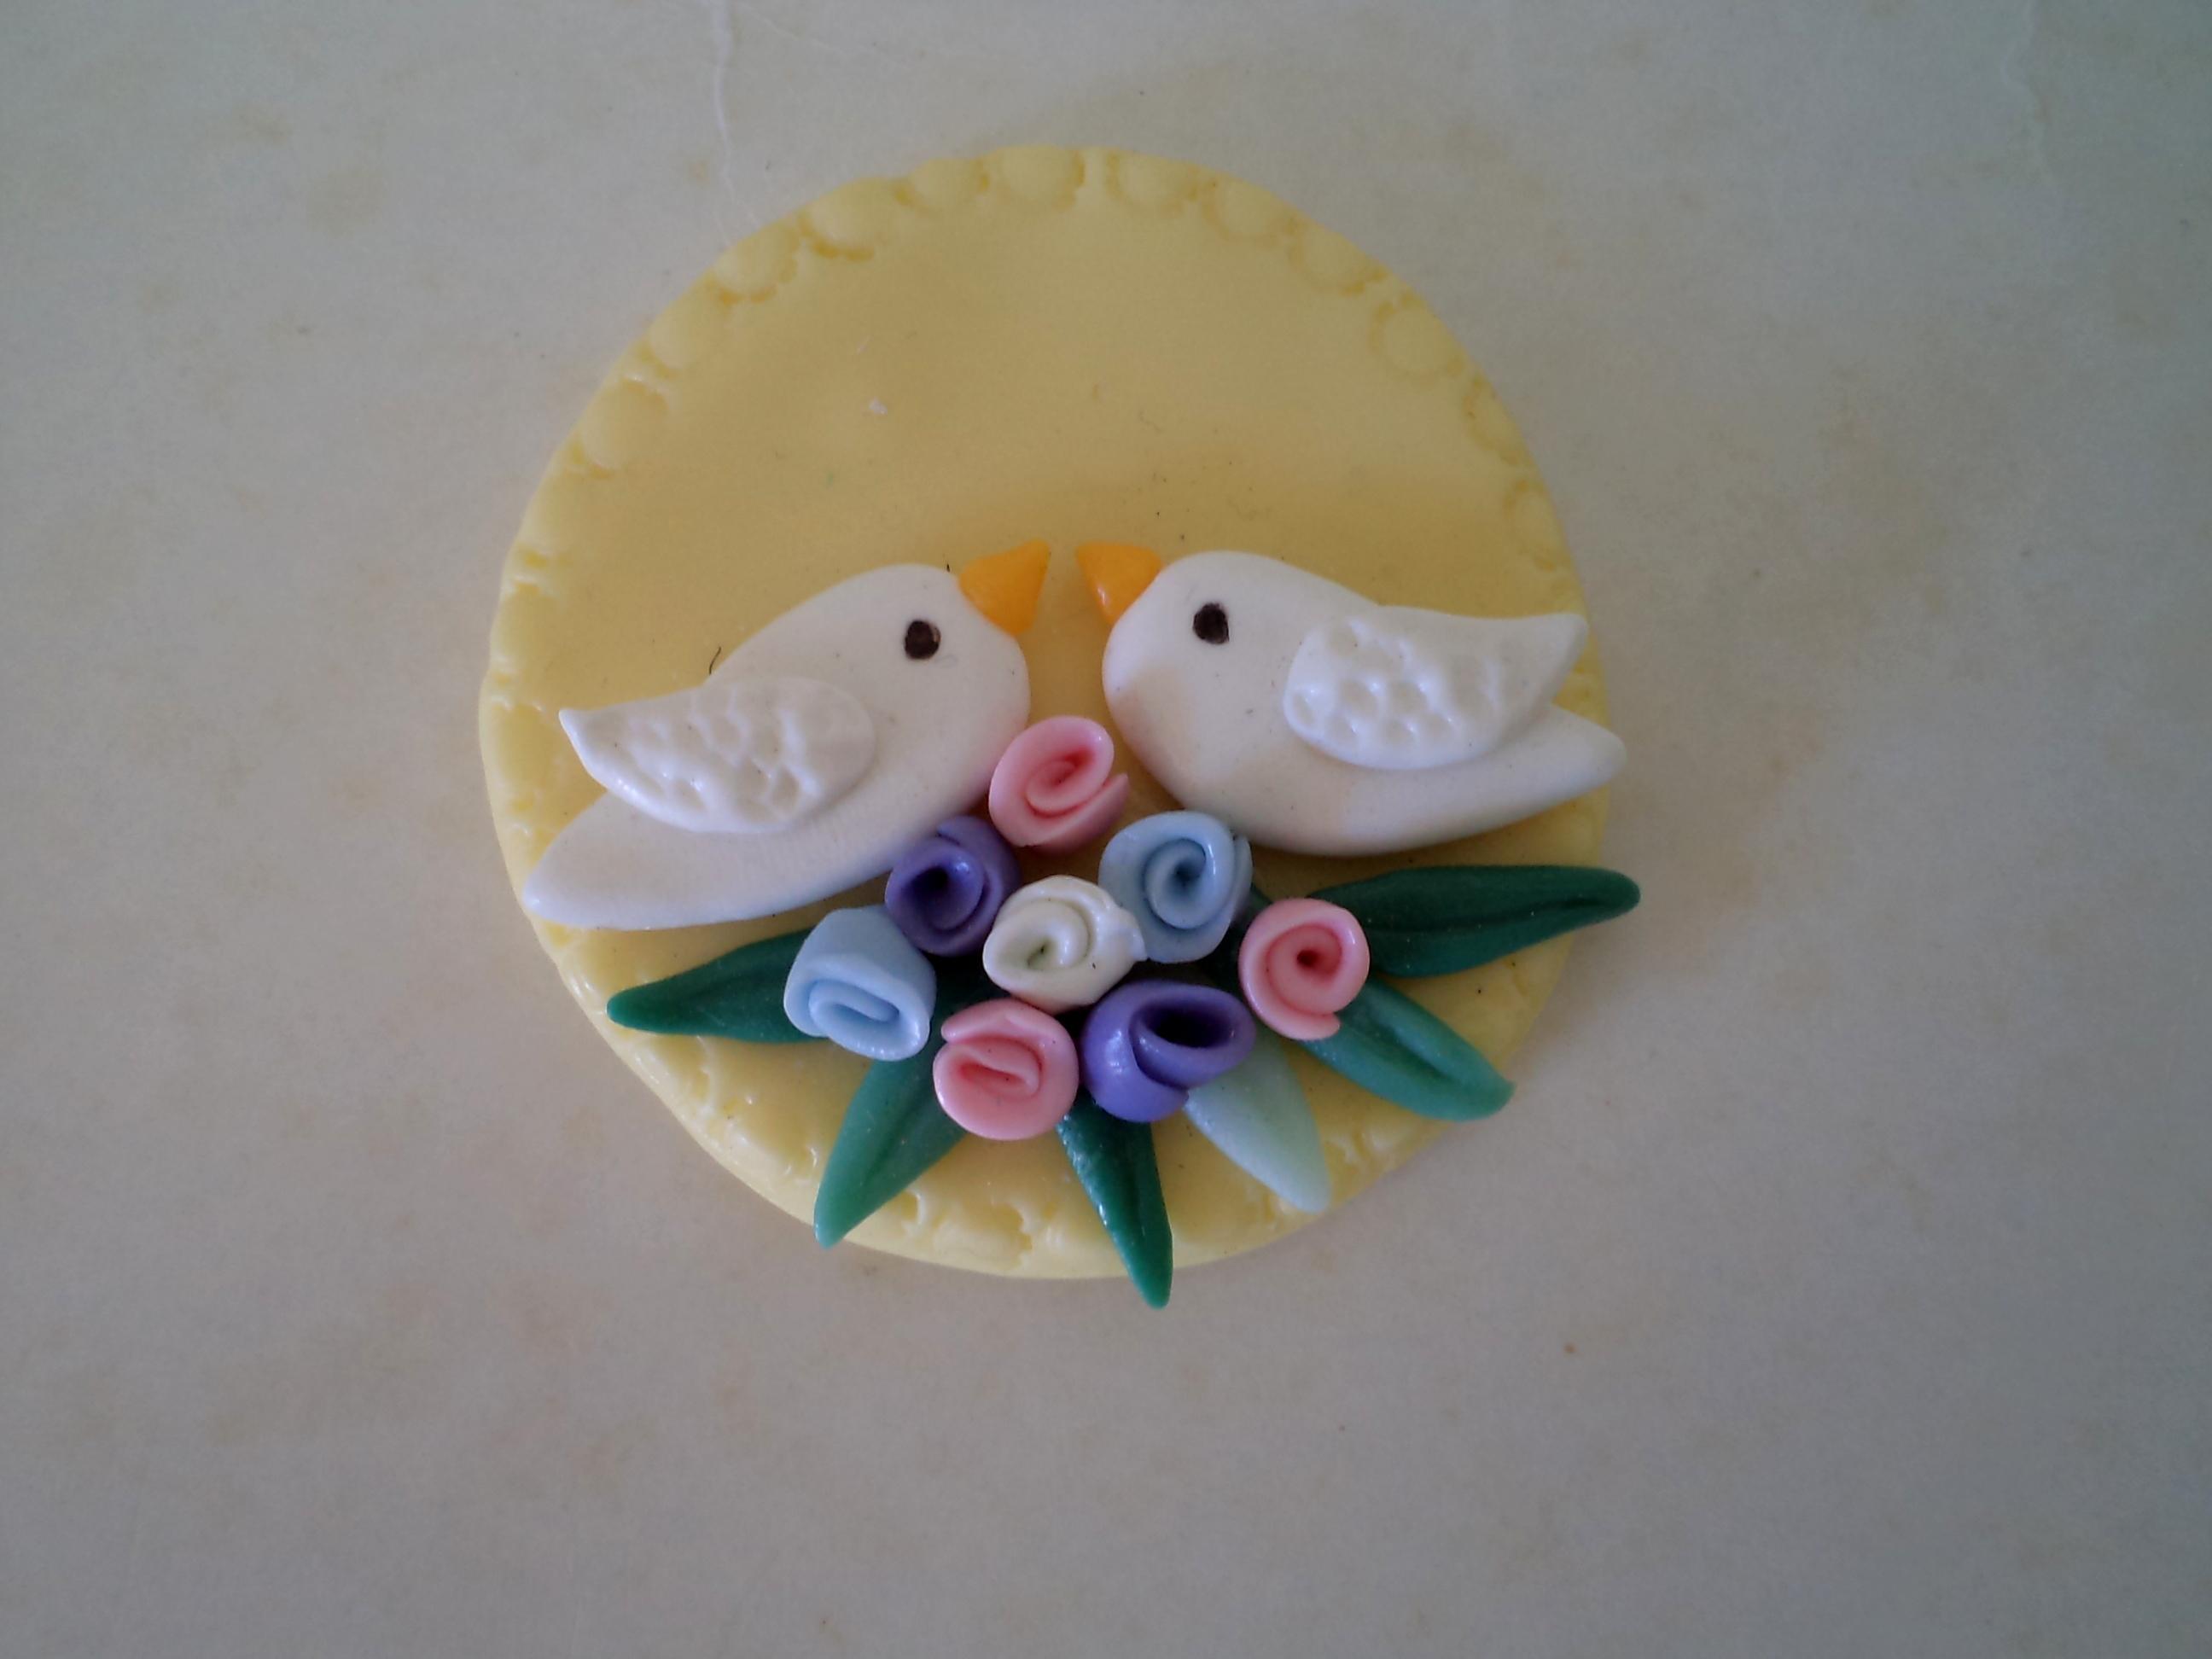 Fotos de lembrancinhas de biscuit para casamento 10